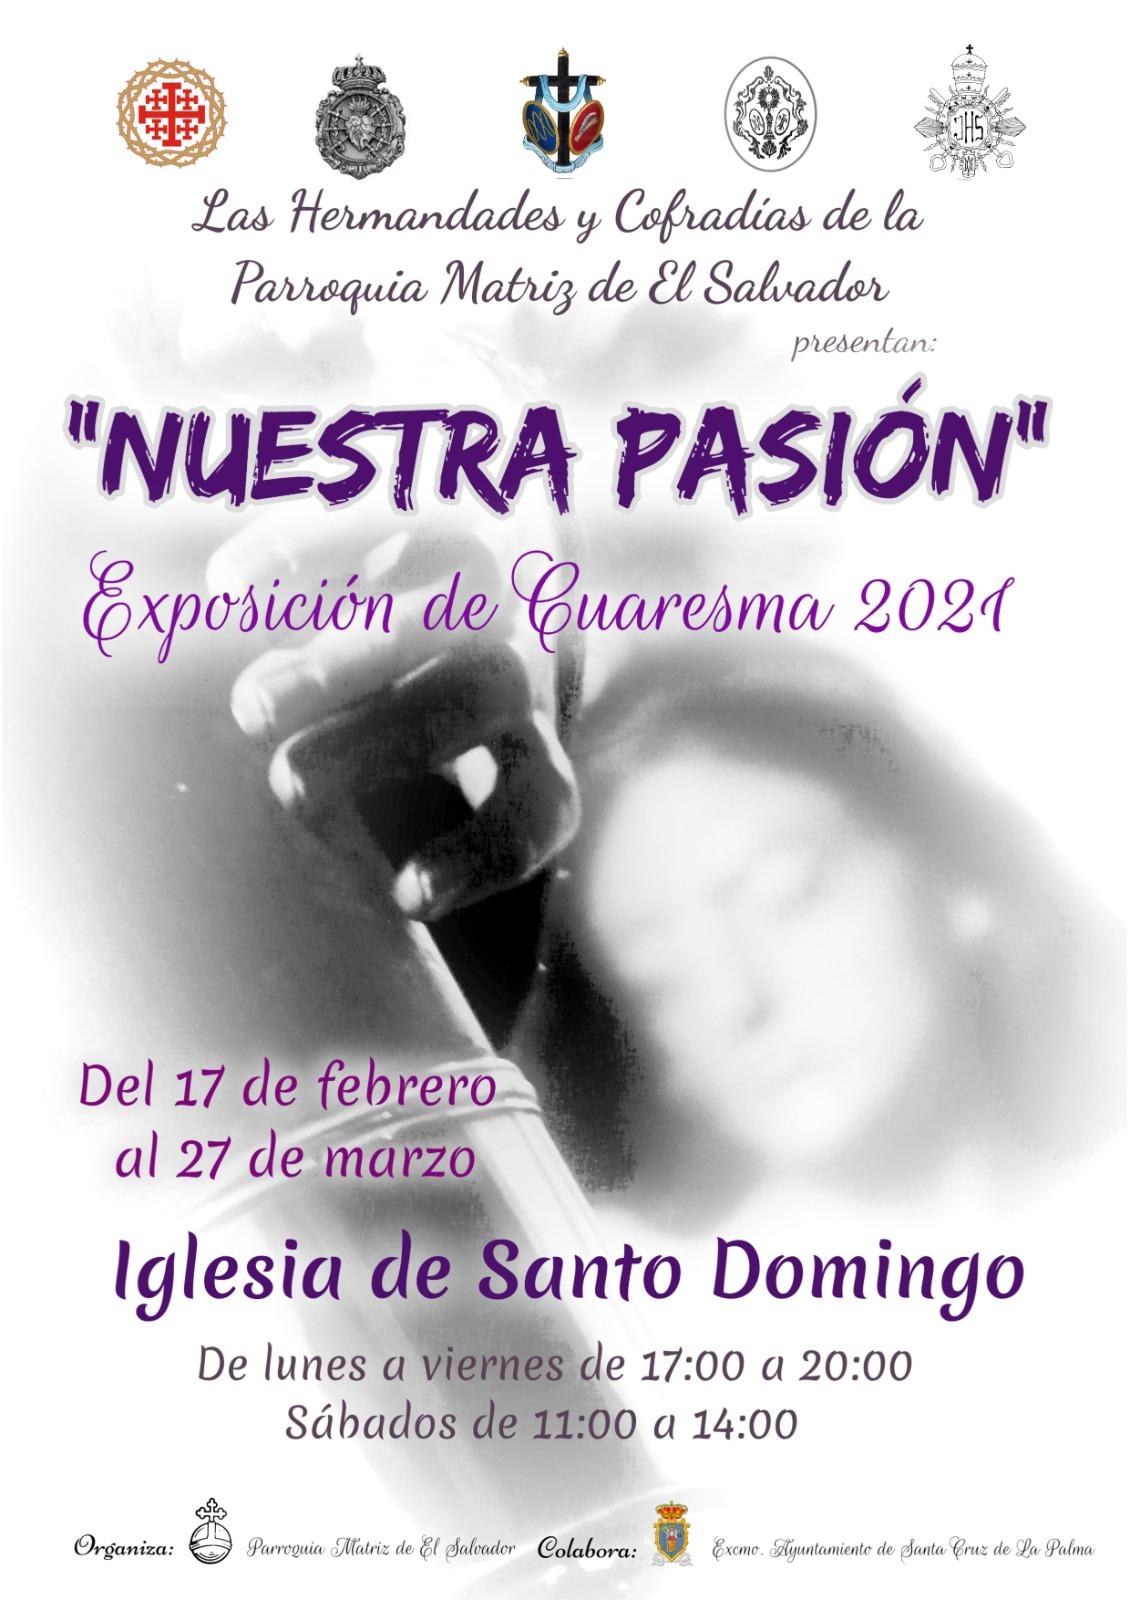 Exposición de Cuaresma 2021